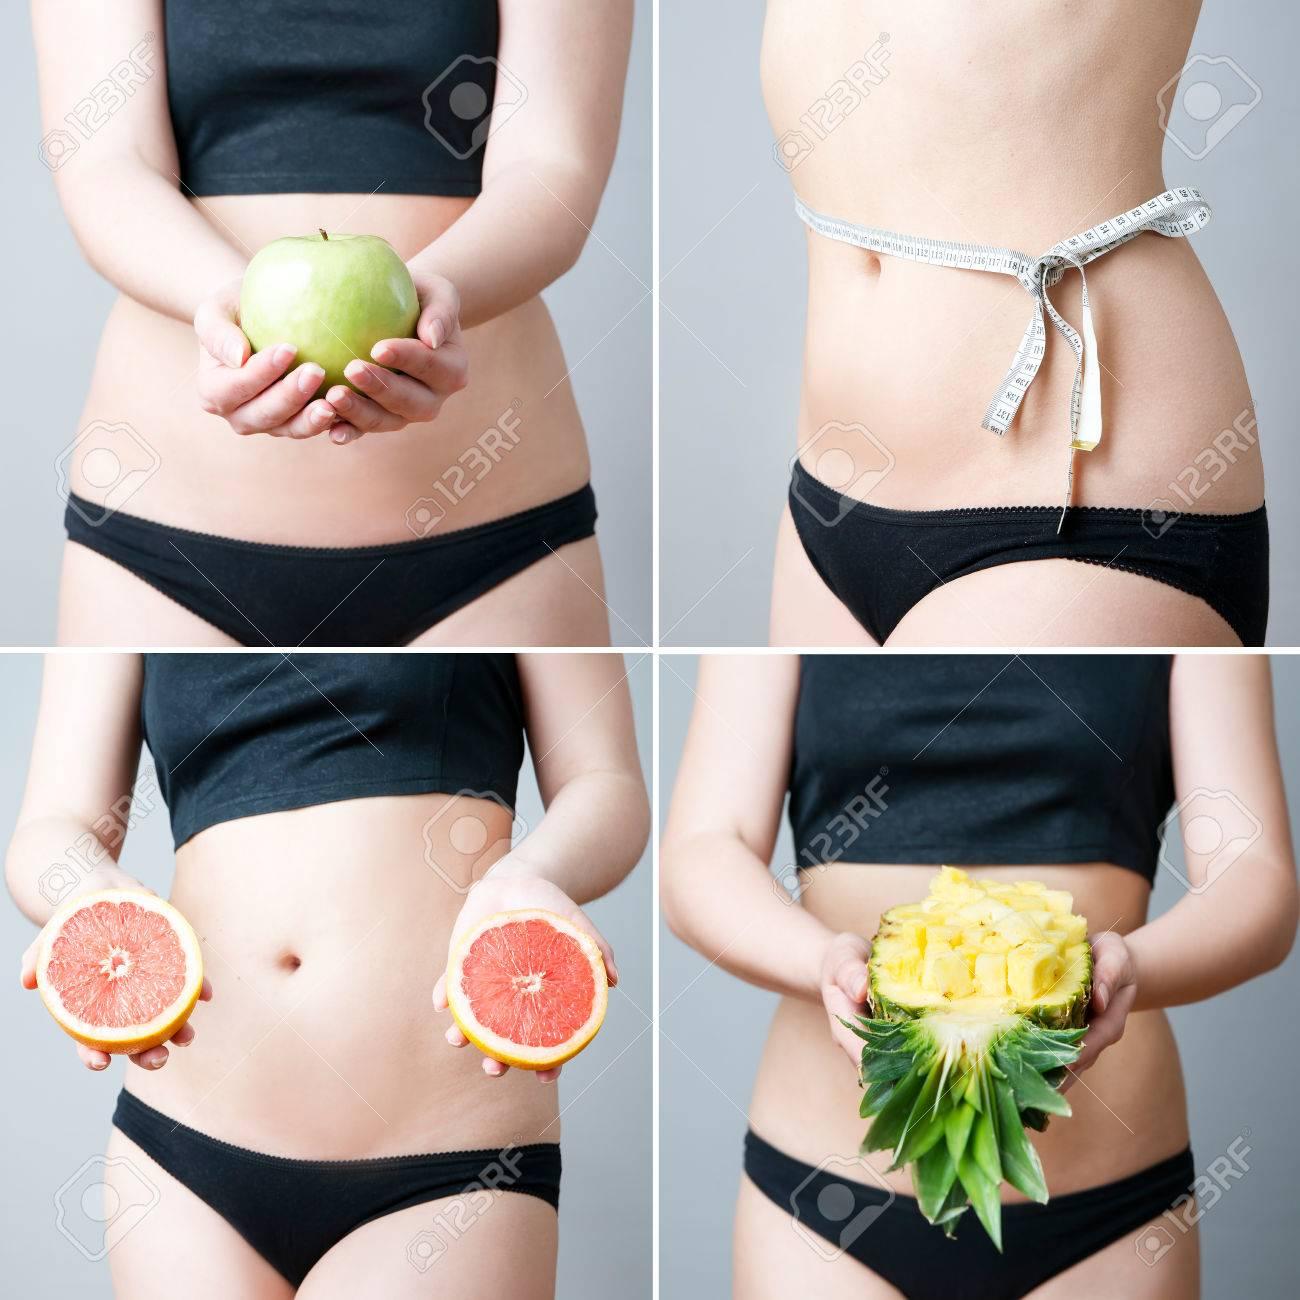 Gewichtsverlust mit Früchten